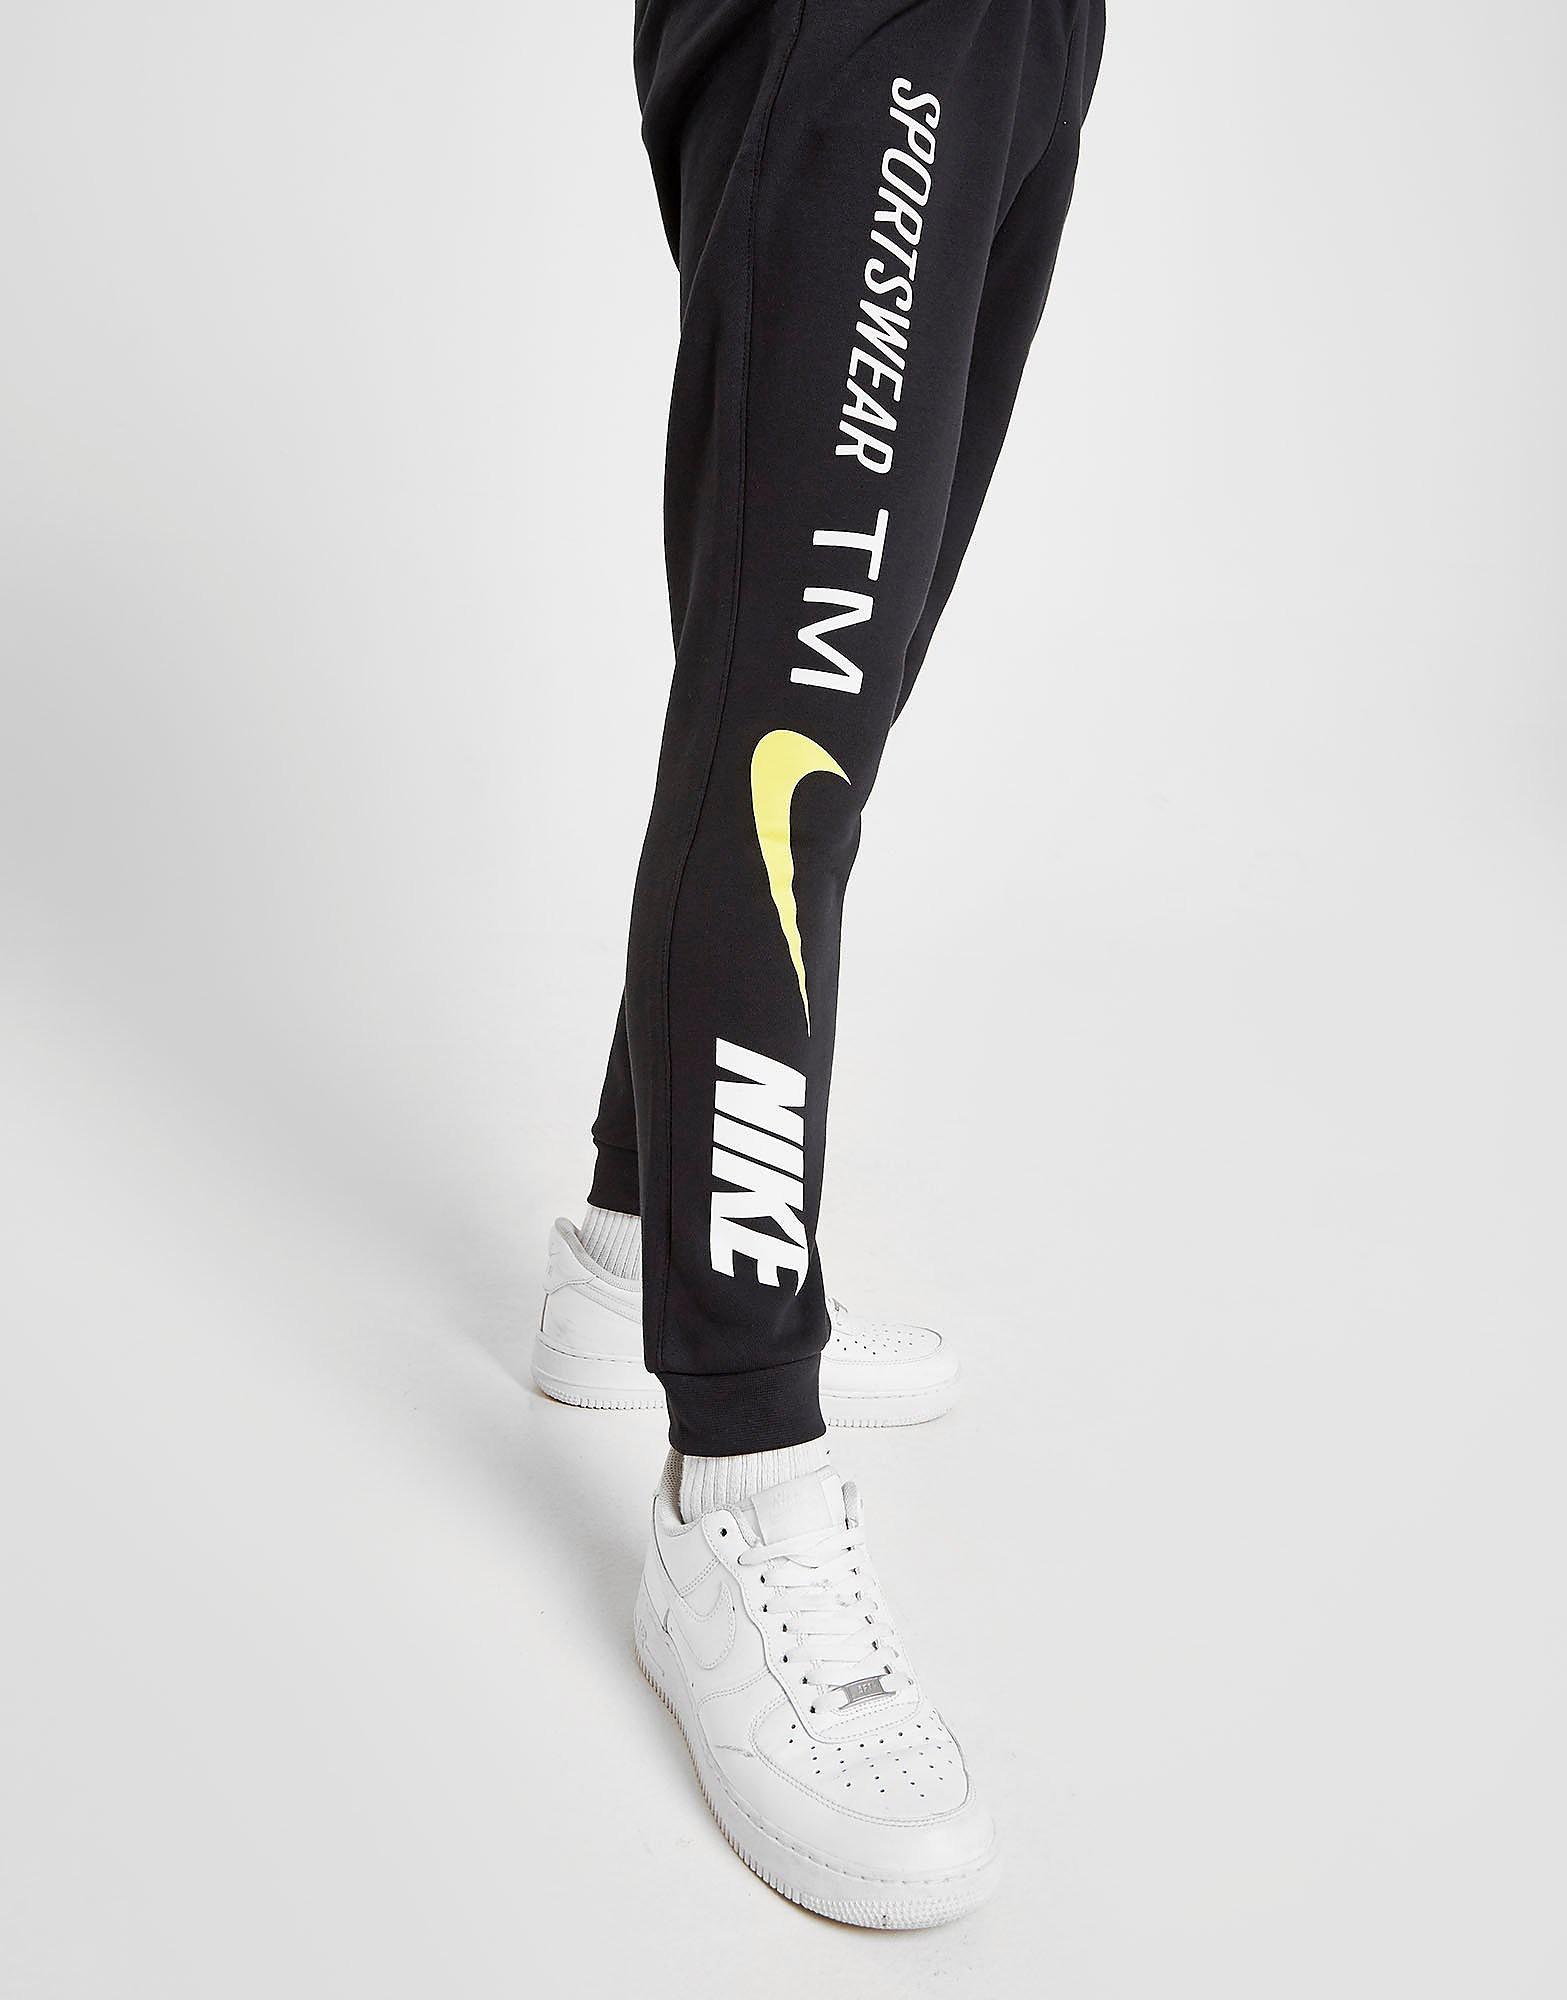 Pantalon De Chandal Overbrand Nike De Hombre De Color Negro Lyst